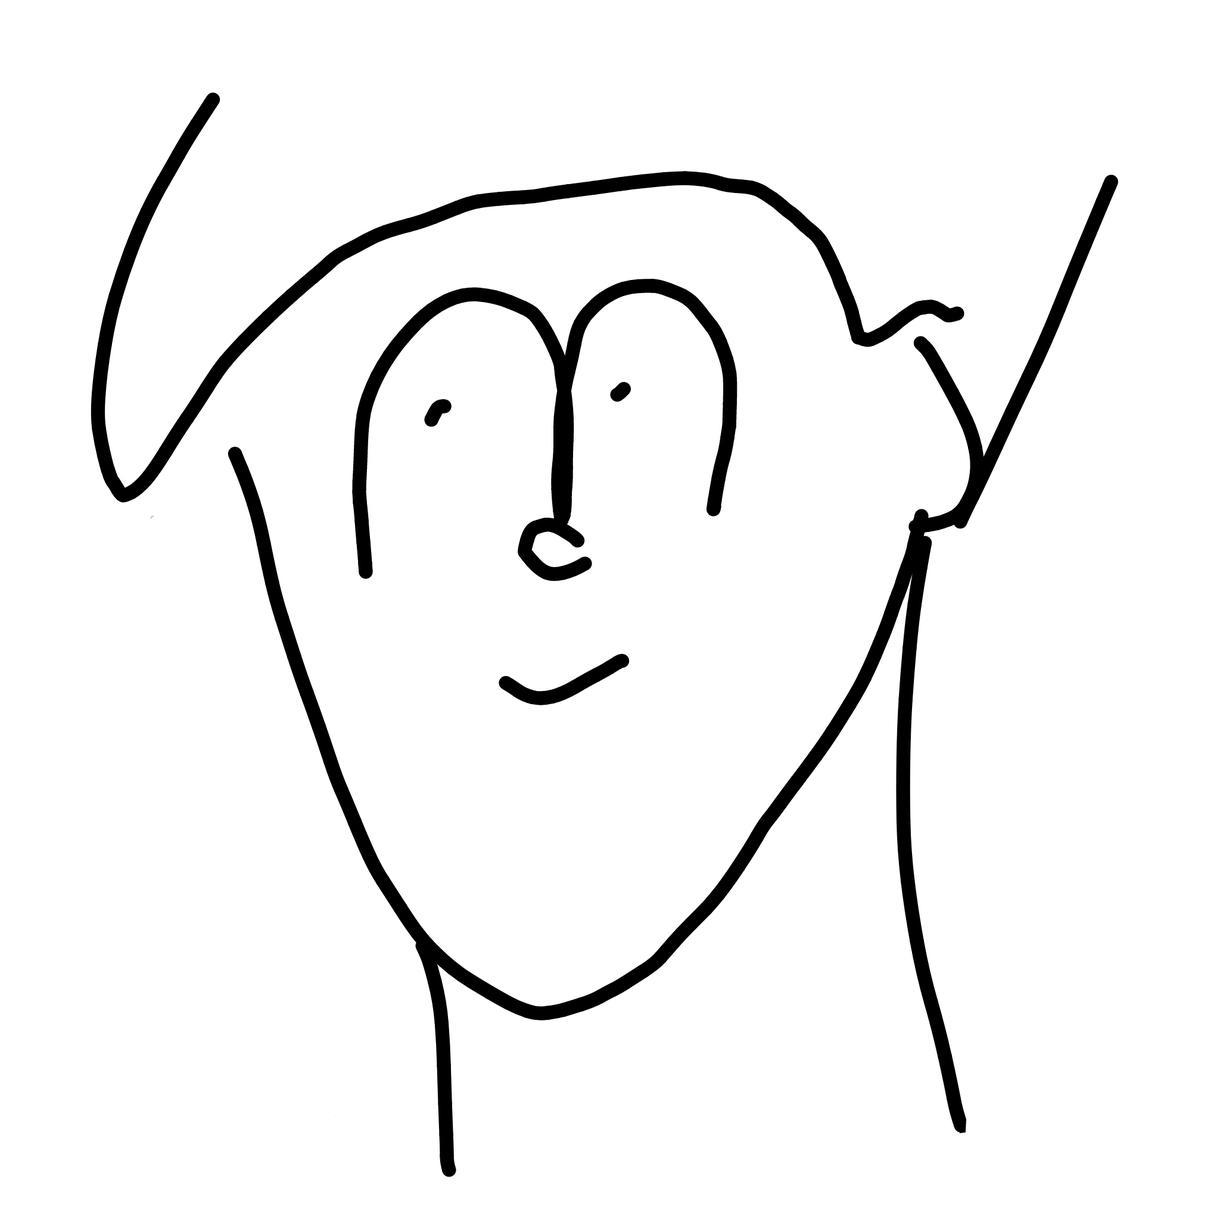 SNSのアイコン用イラストを描きます ゆるさがたまらない、どこか愛しくなる似顔絵 イメージ1